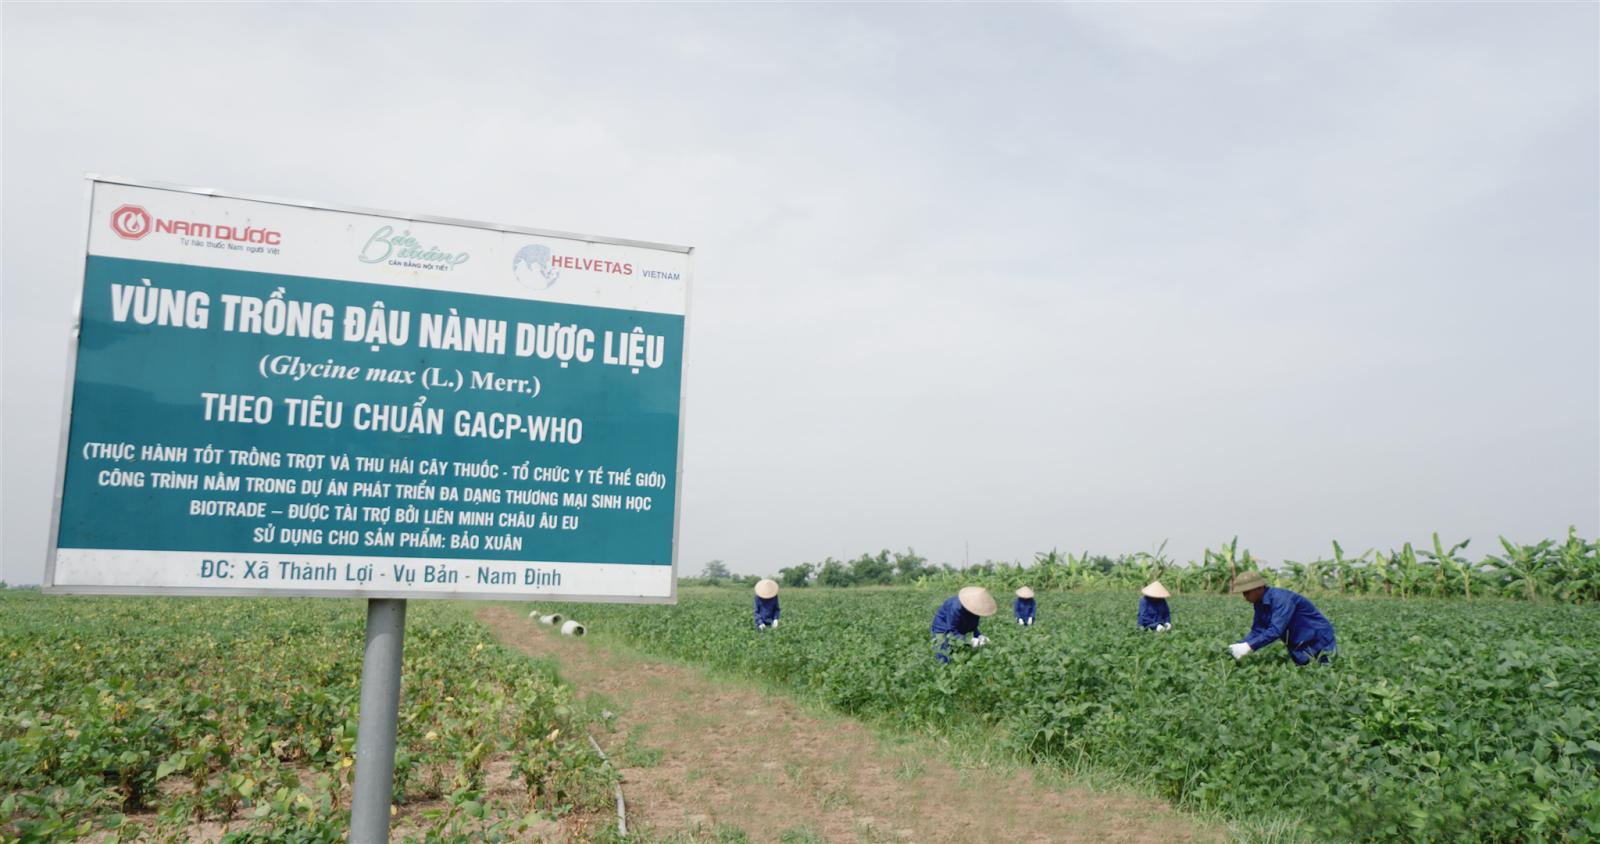 Bảo Xuân có vùng trồng đậu nành dược liệu đạt chuẩn